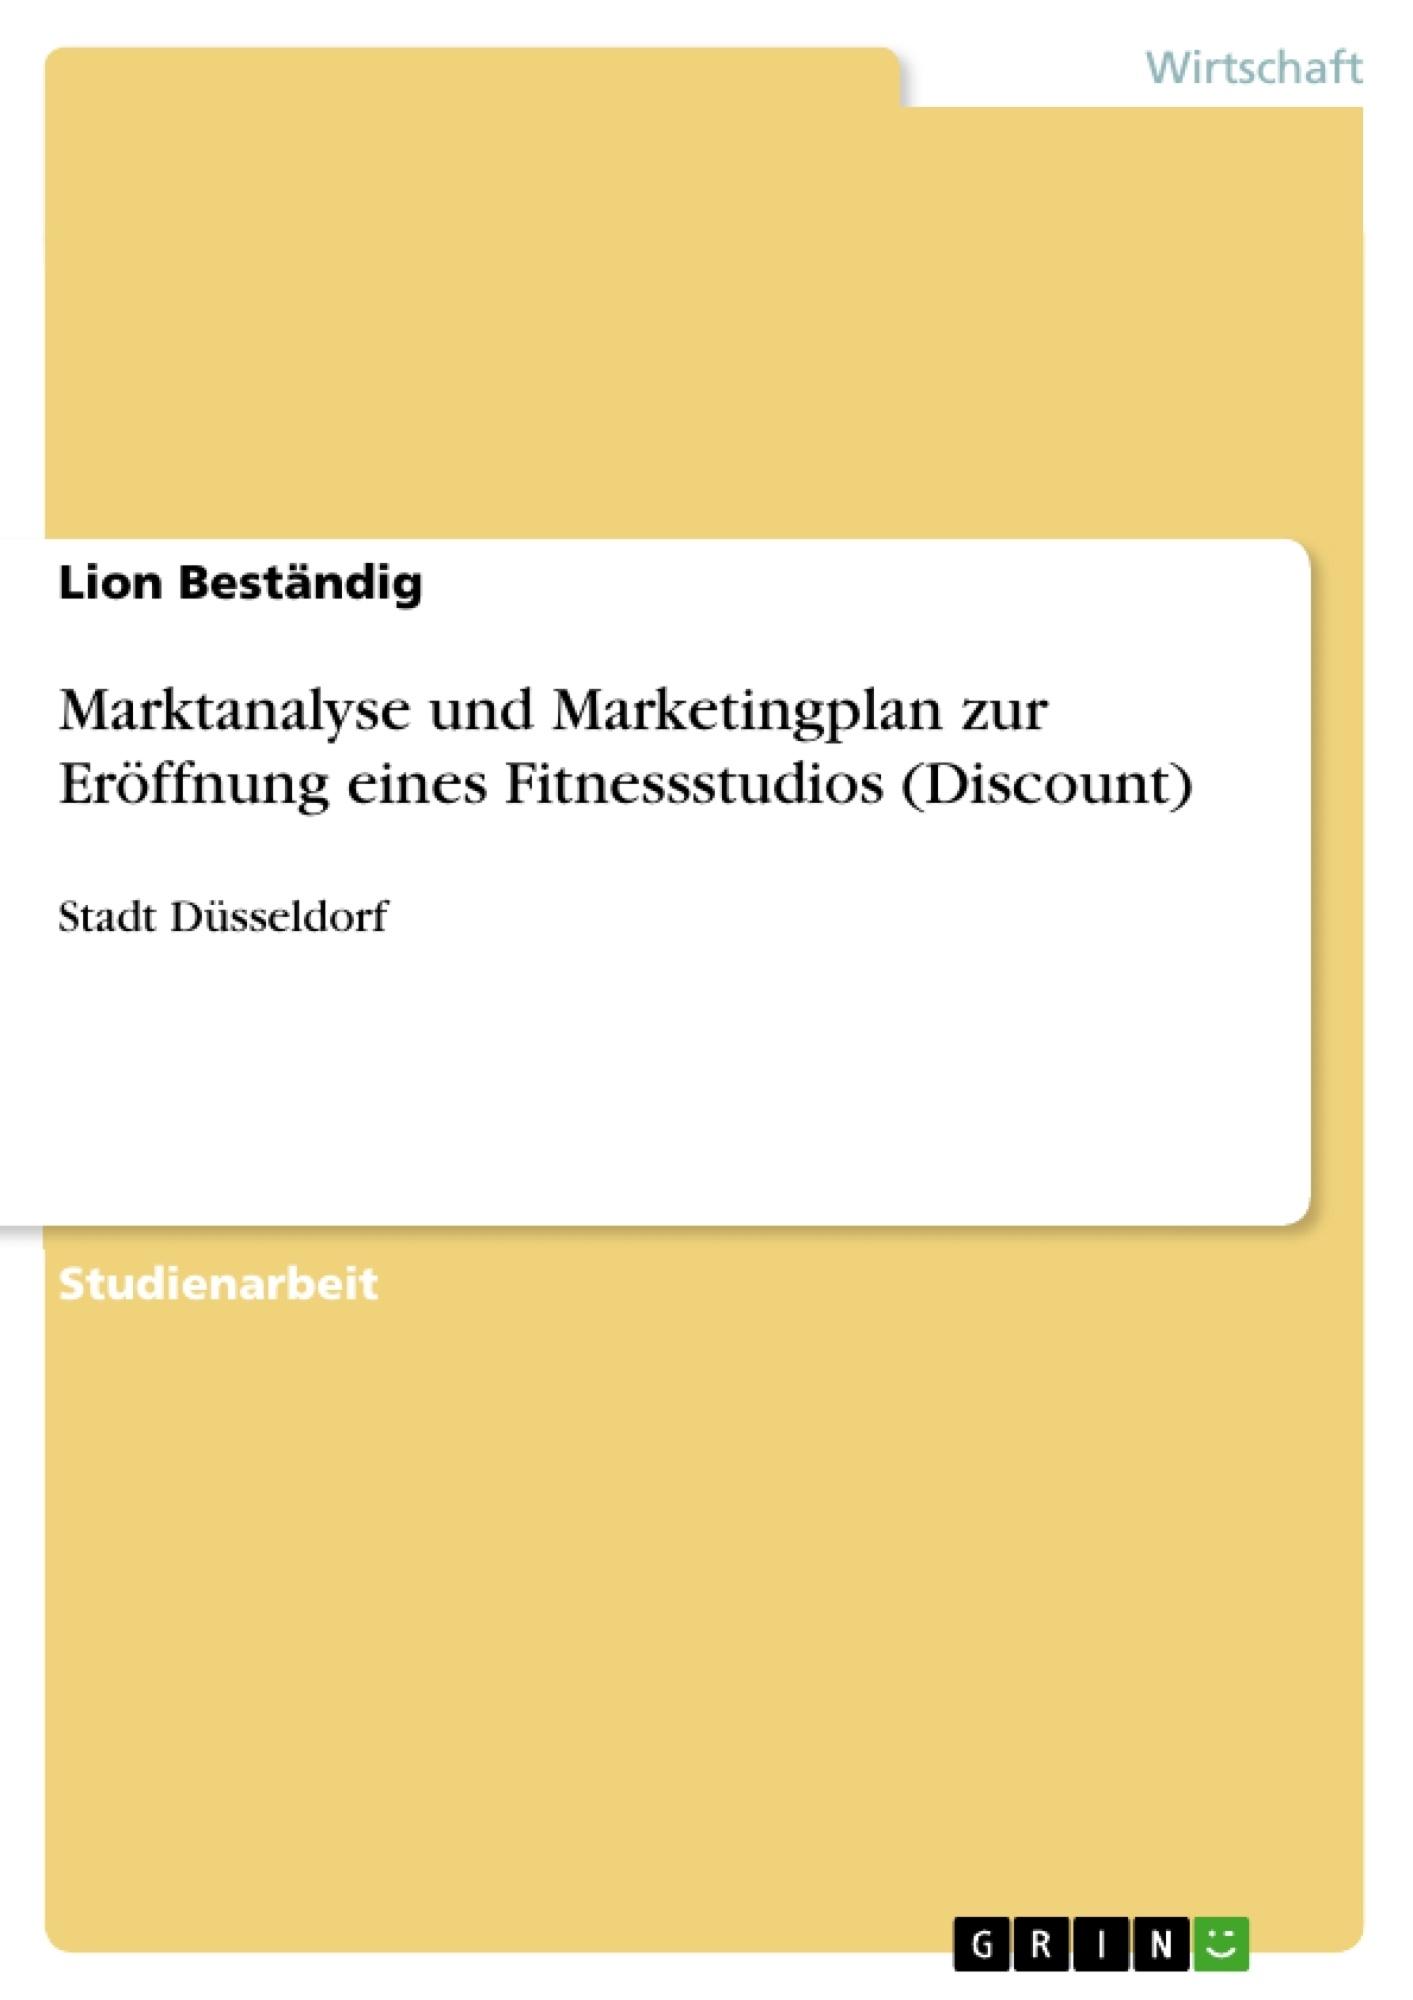 Titel: Marktanalyse und Marketingplan zur Eröffnung eines Fitnessstudios (Discount)